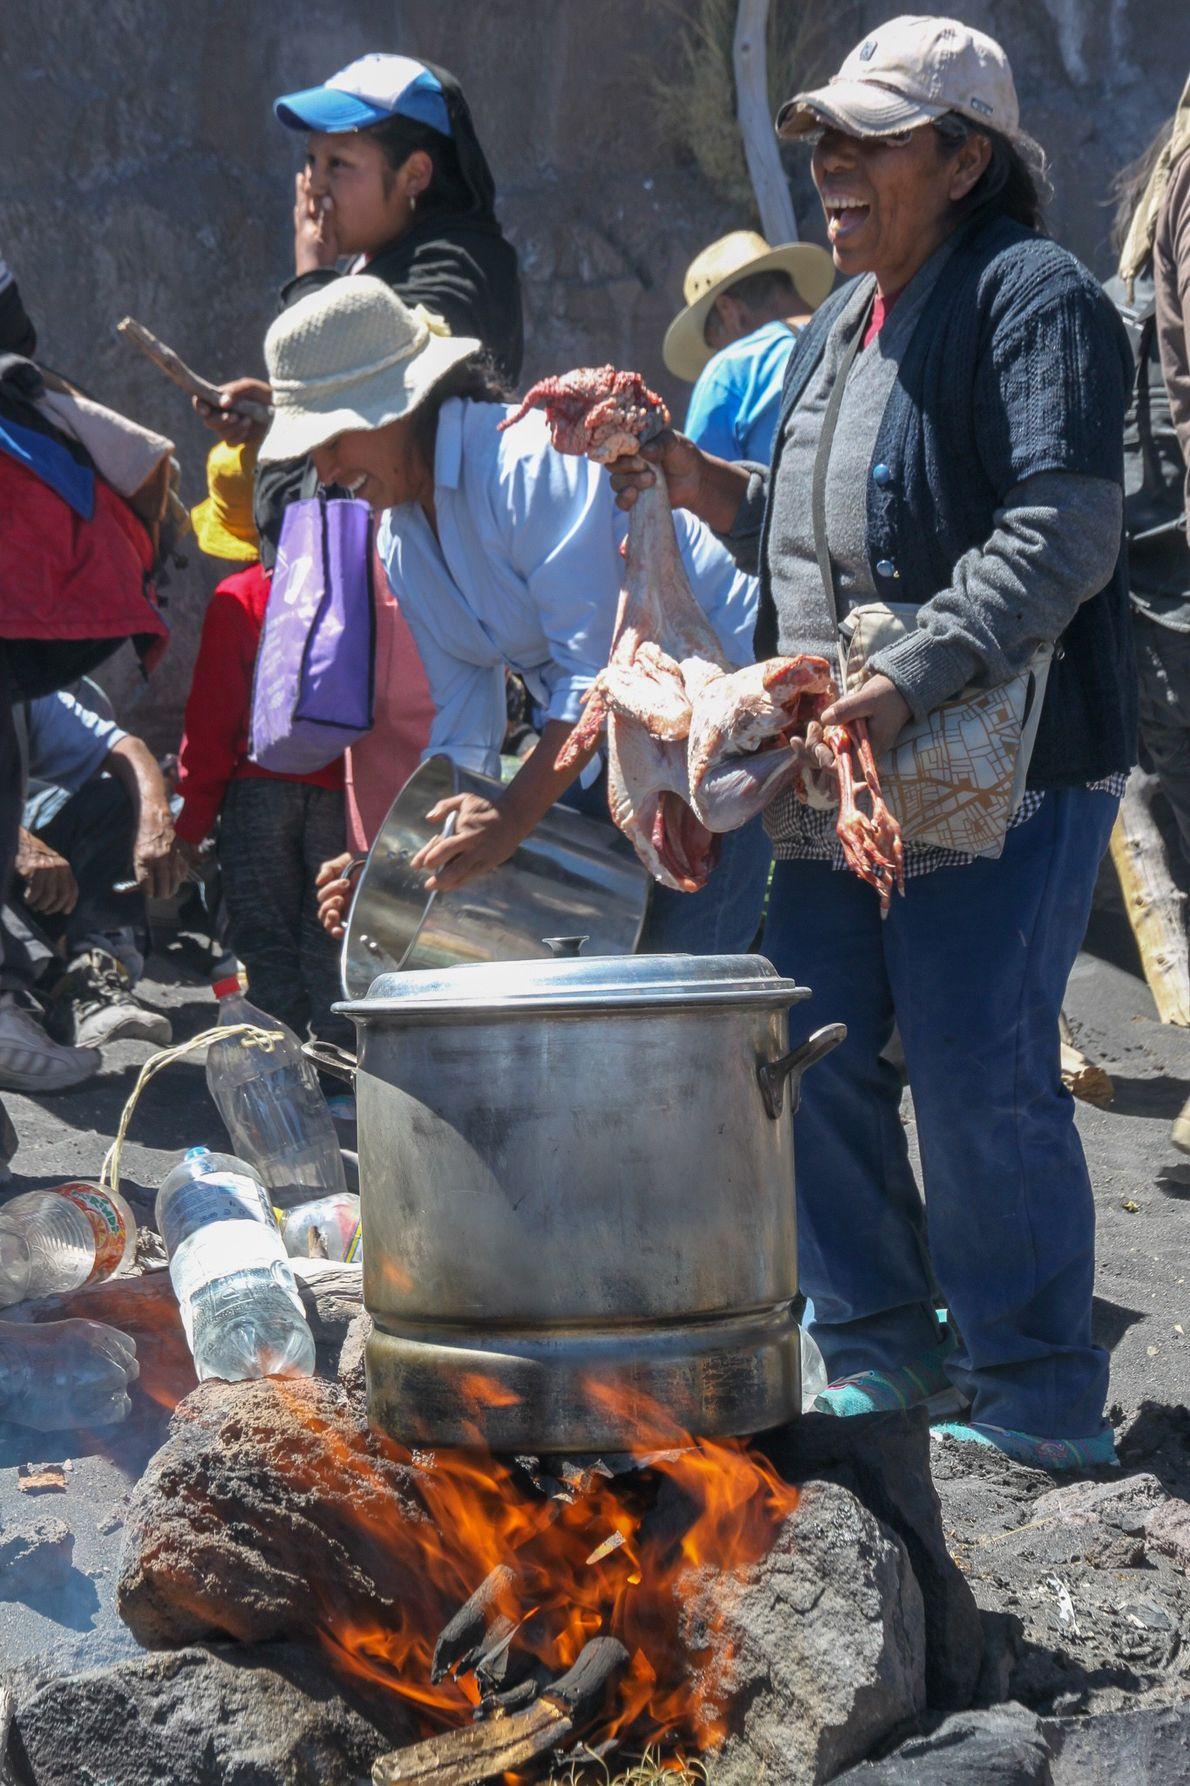 La cérémonie se prépare dans l'attente de Don Antonio, guide spirituel du volcan. Ci-dessus la préparation ...